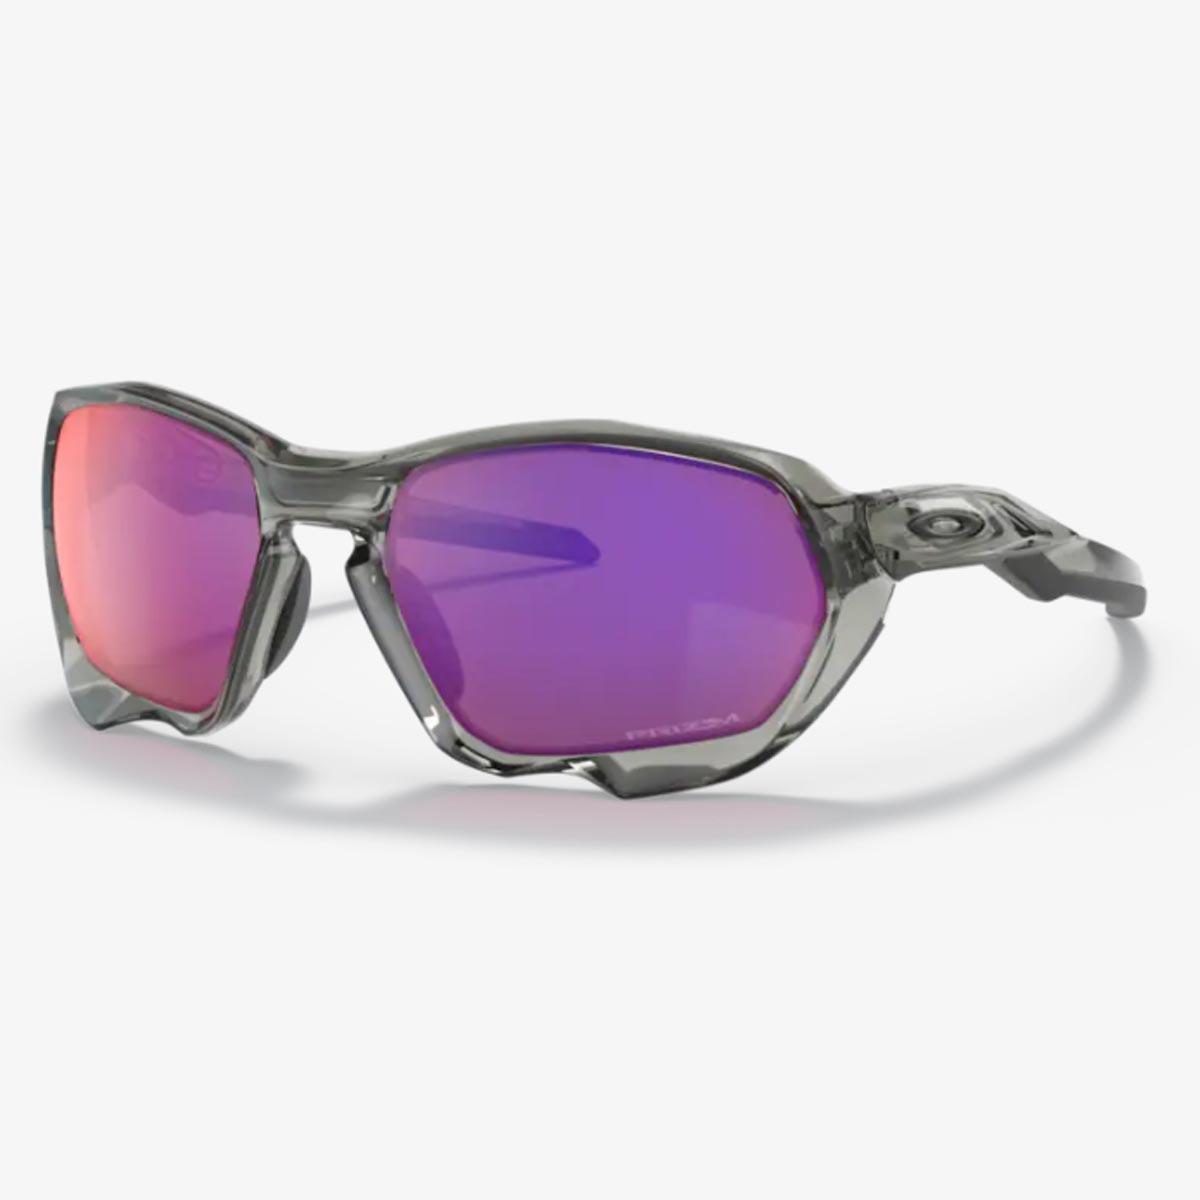 Oculos Para Ciclismo Oakley Plazma Cinza Acrilico Com Lente Prizm Road Espelhada Vermelha